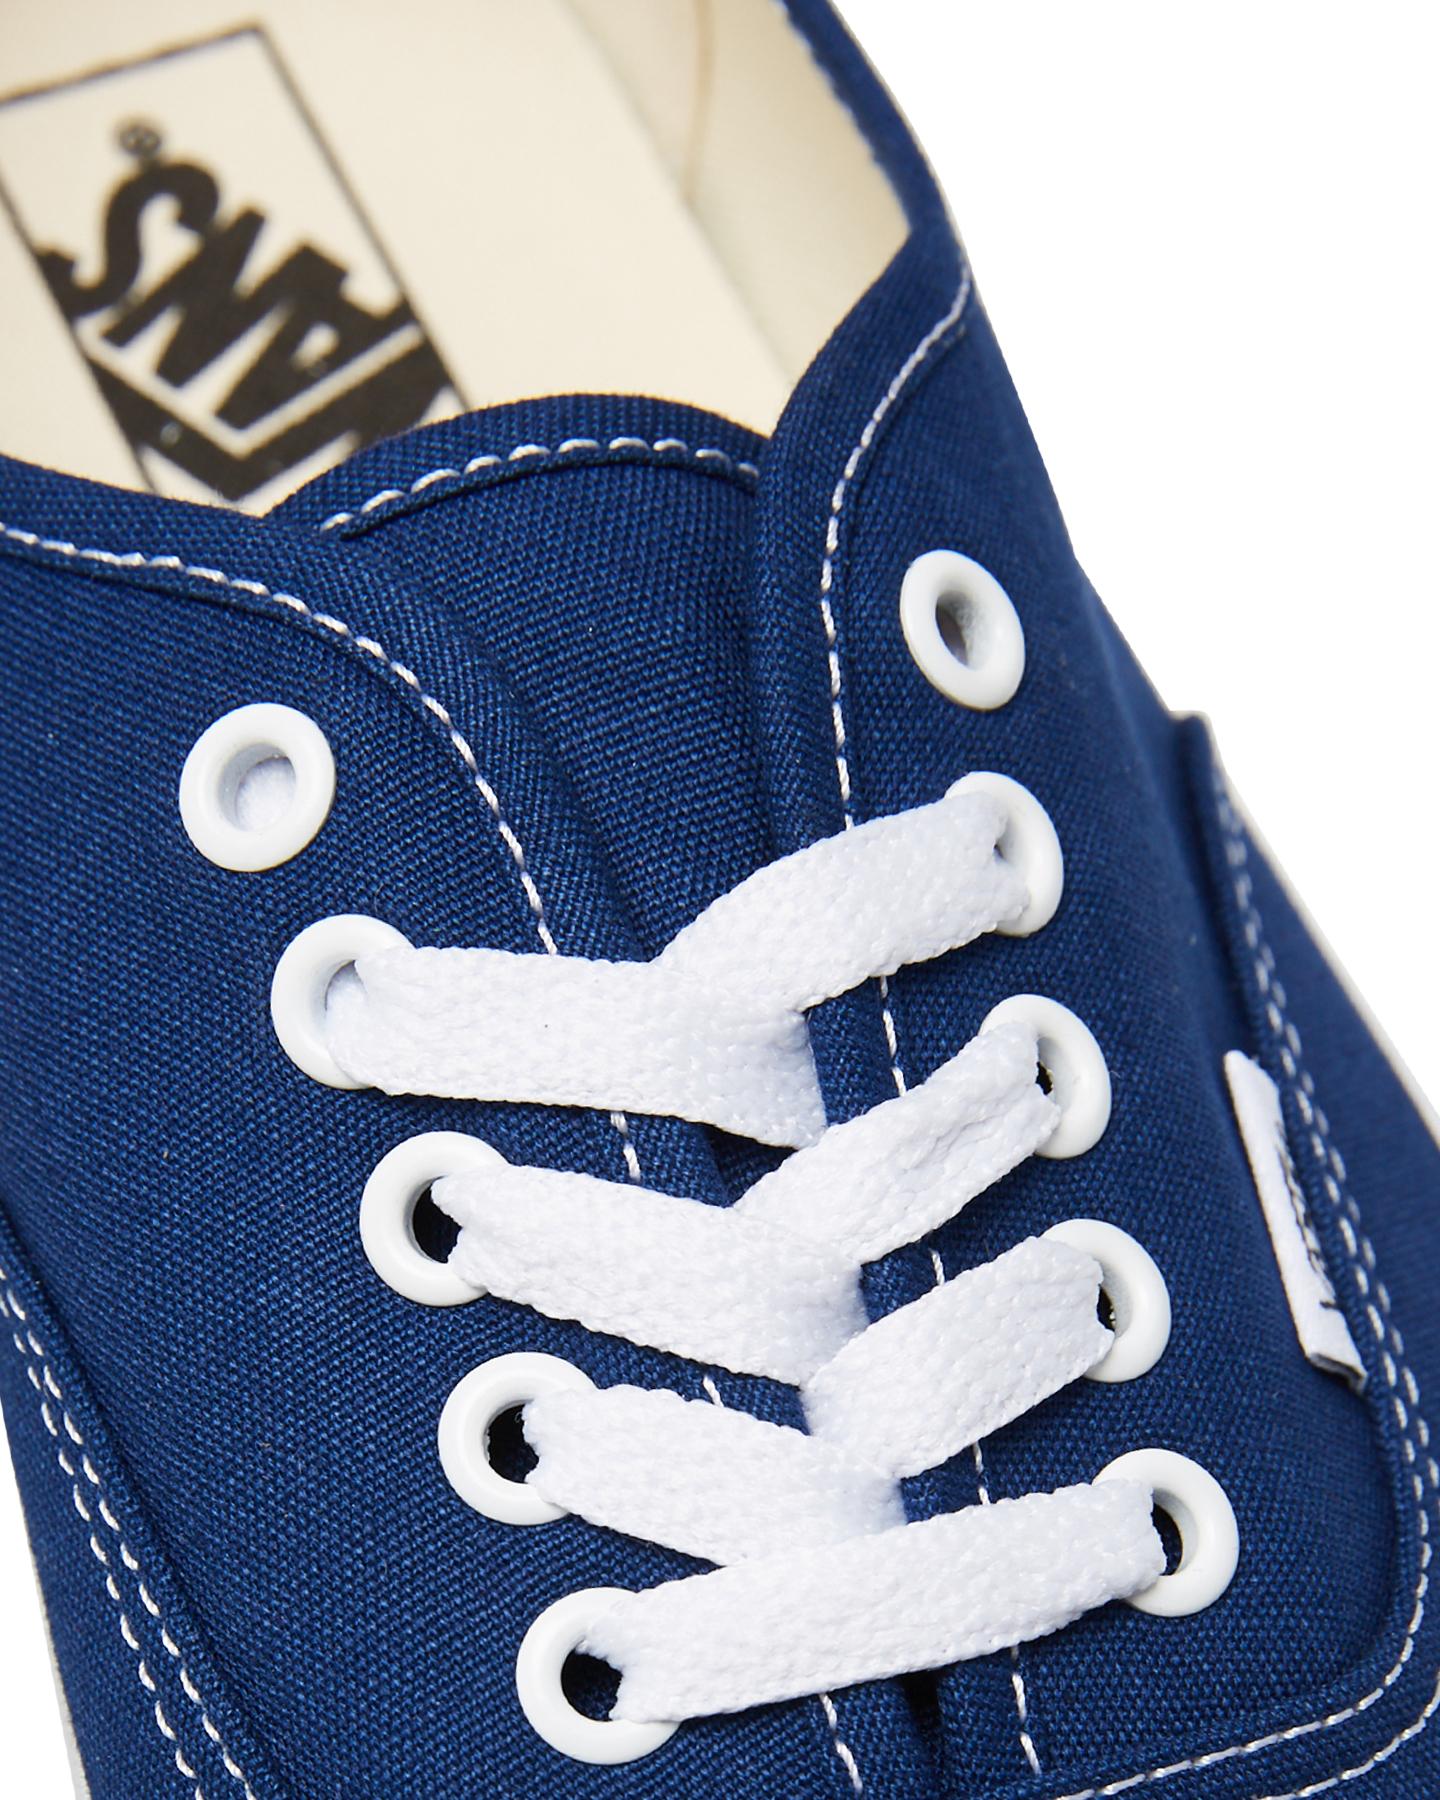 517786253e New Vans Women s Womens Authentic Shoe Lace Canvas Blue